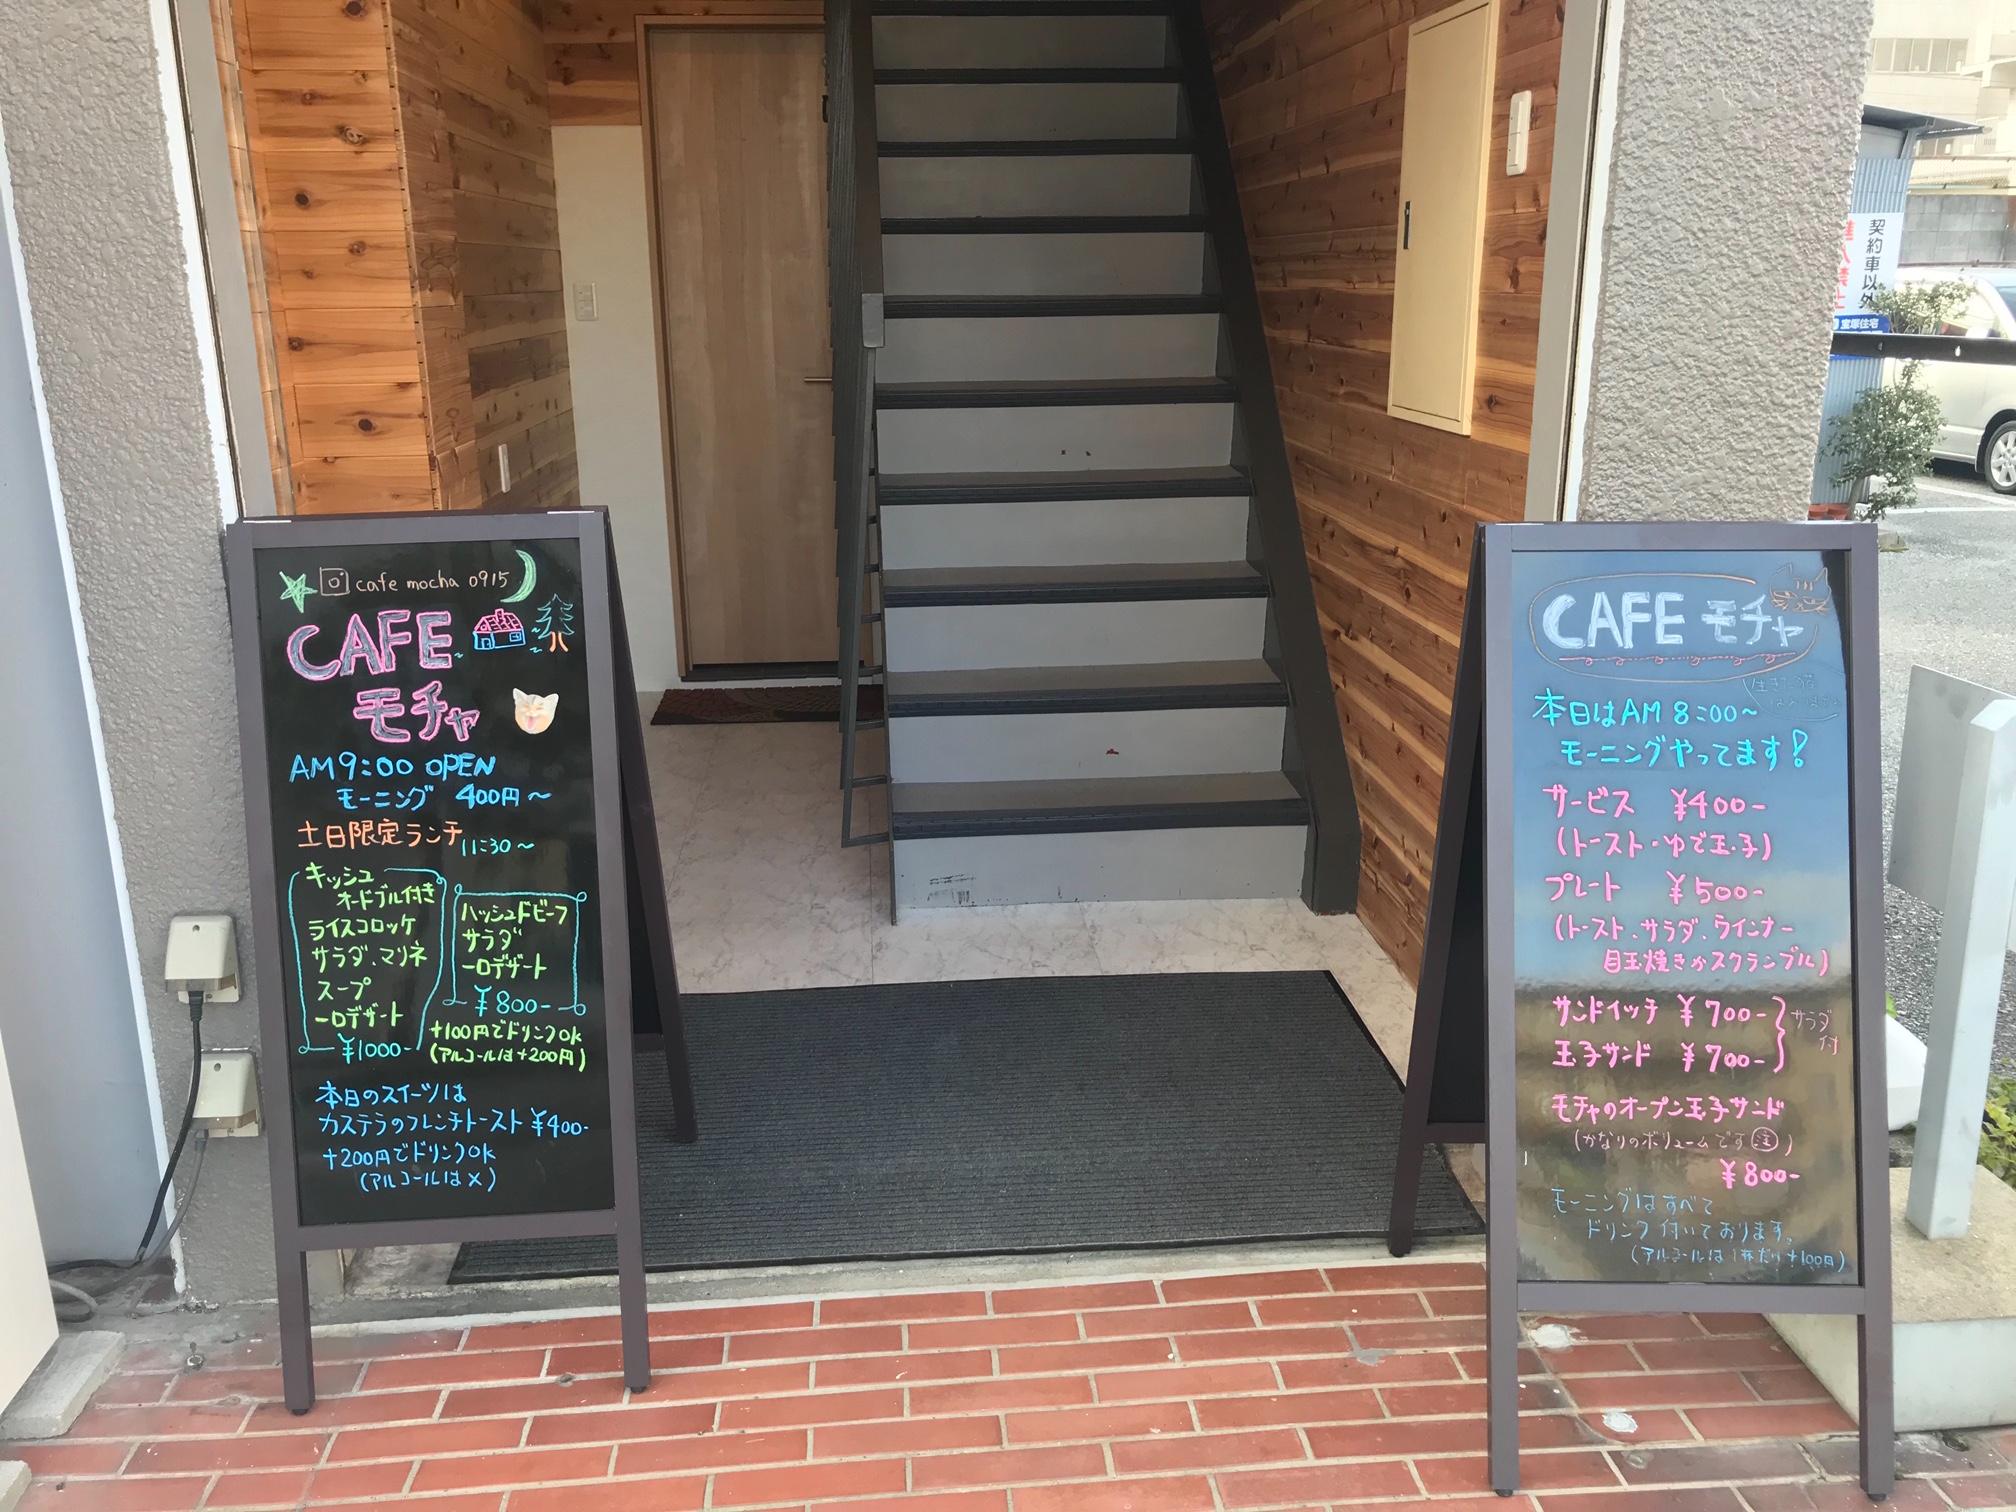 CAFEモチャはコインランドリー光明2Fです。